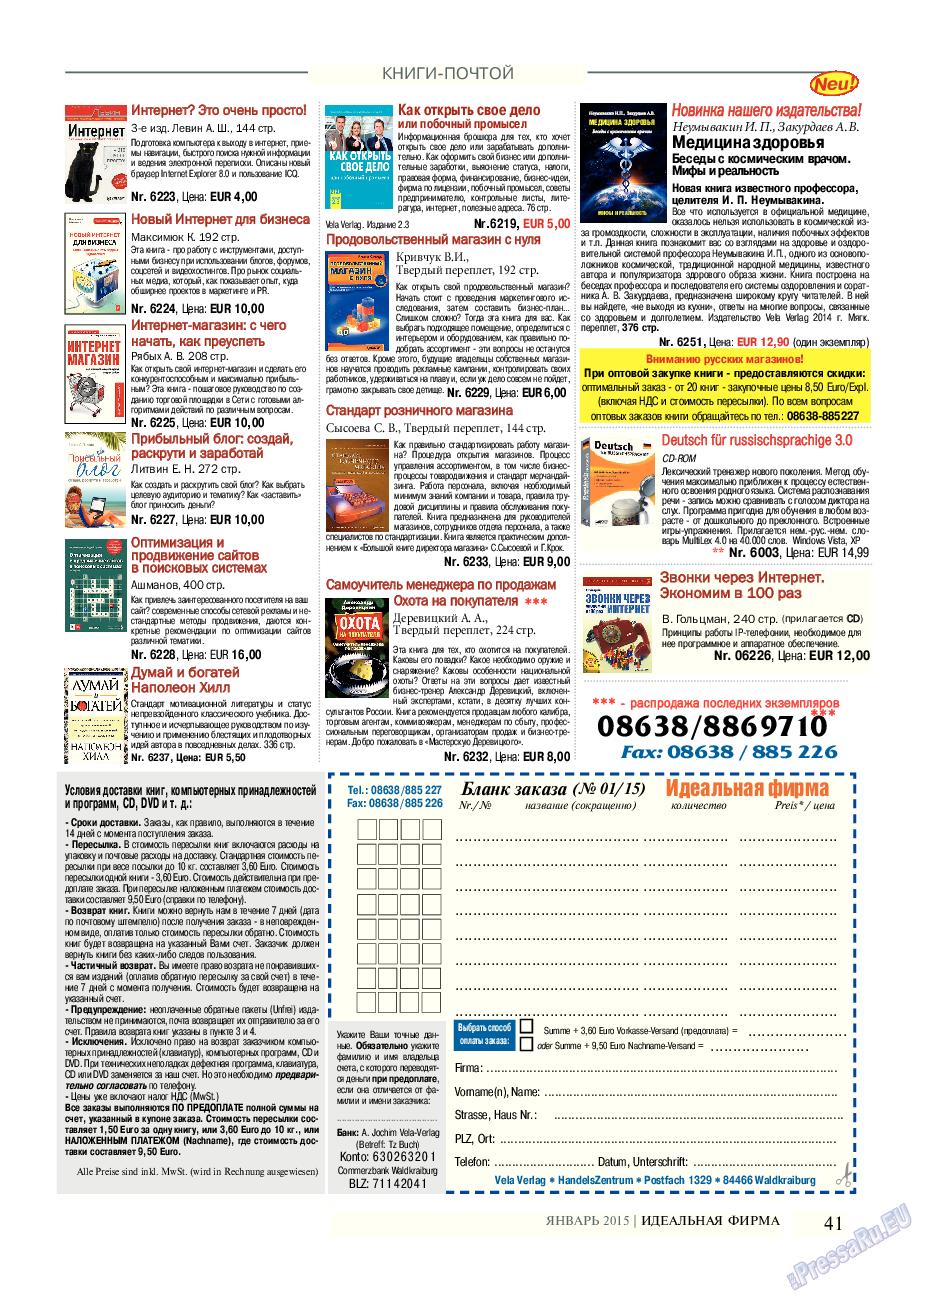 Идеальная фирма (журнал). 2015 год, номер 1, стр. 41